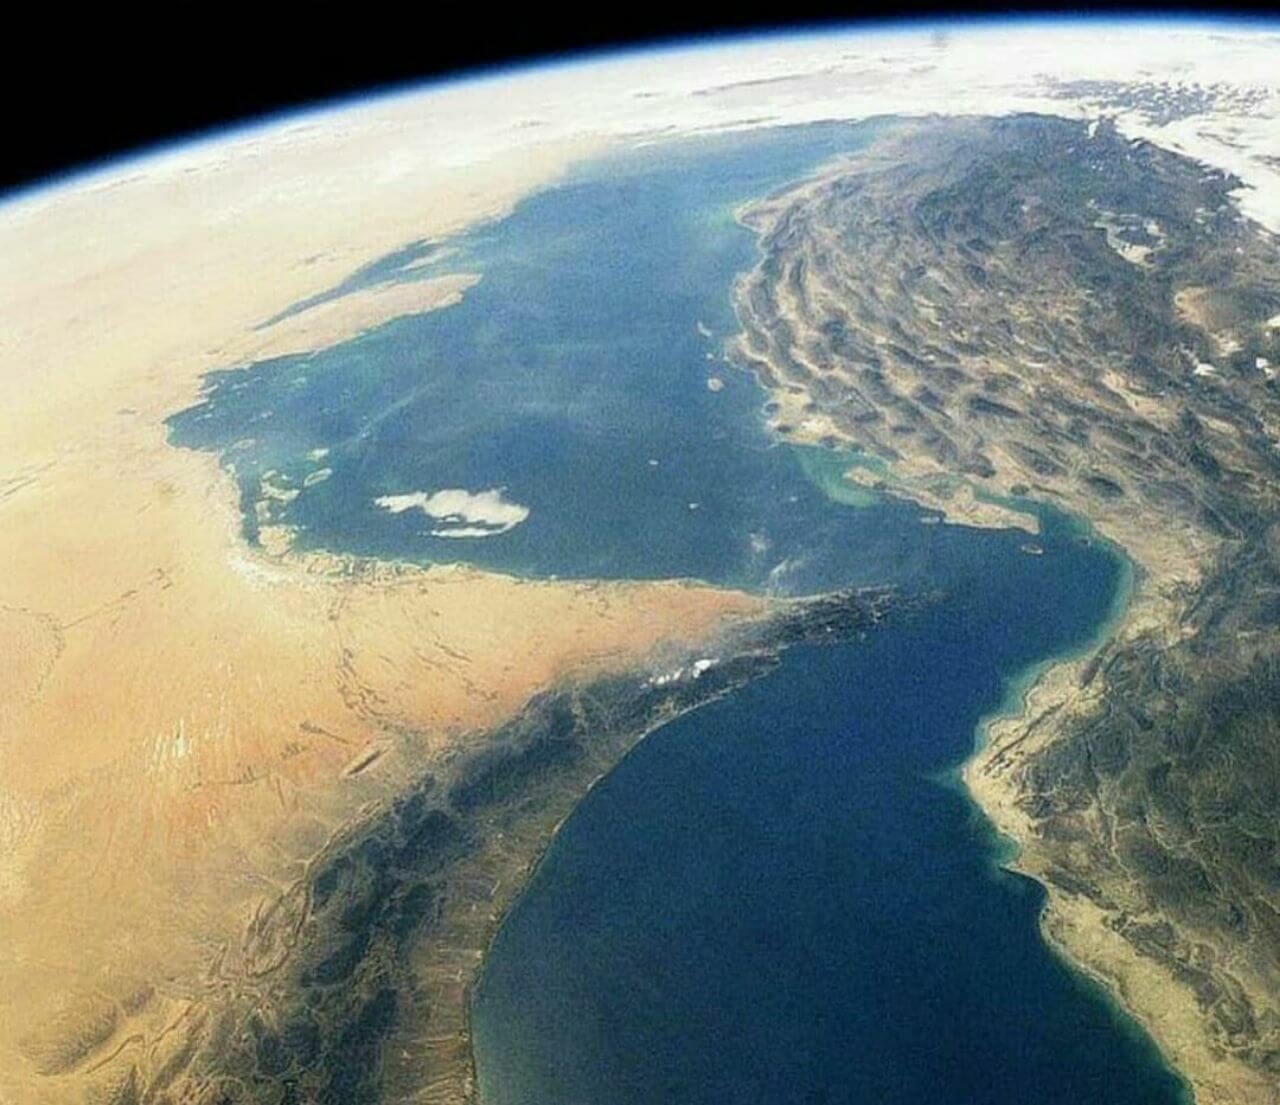 تصویر خلیج فارس از ایستگاه فضایی بین المللی